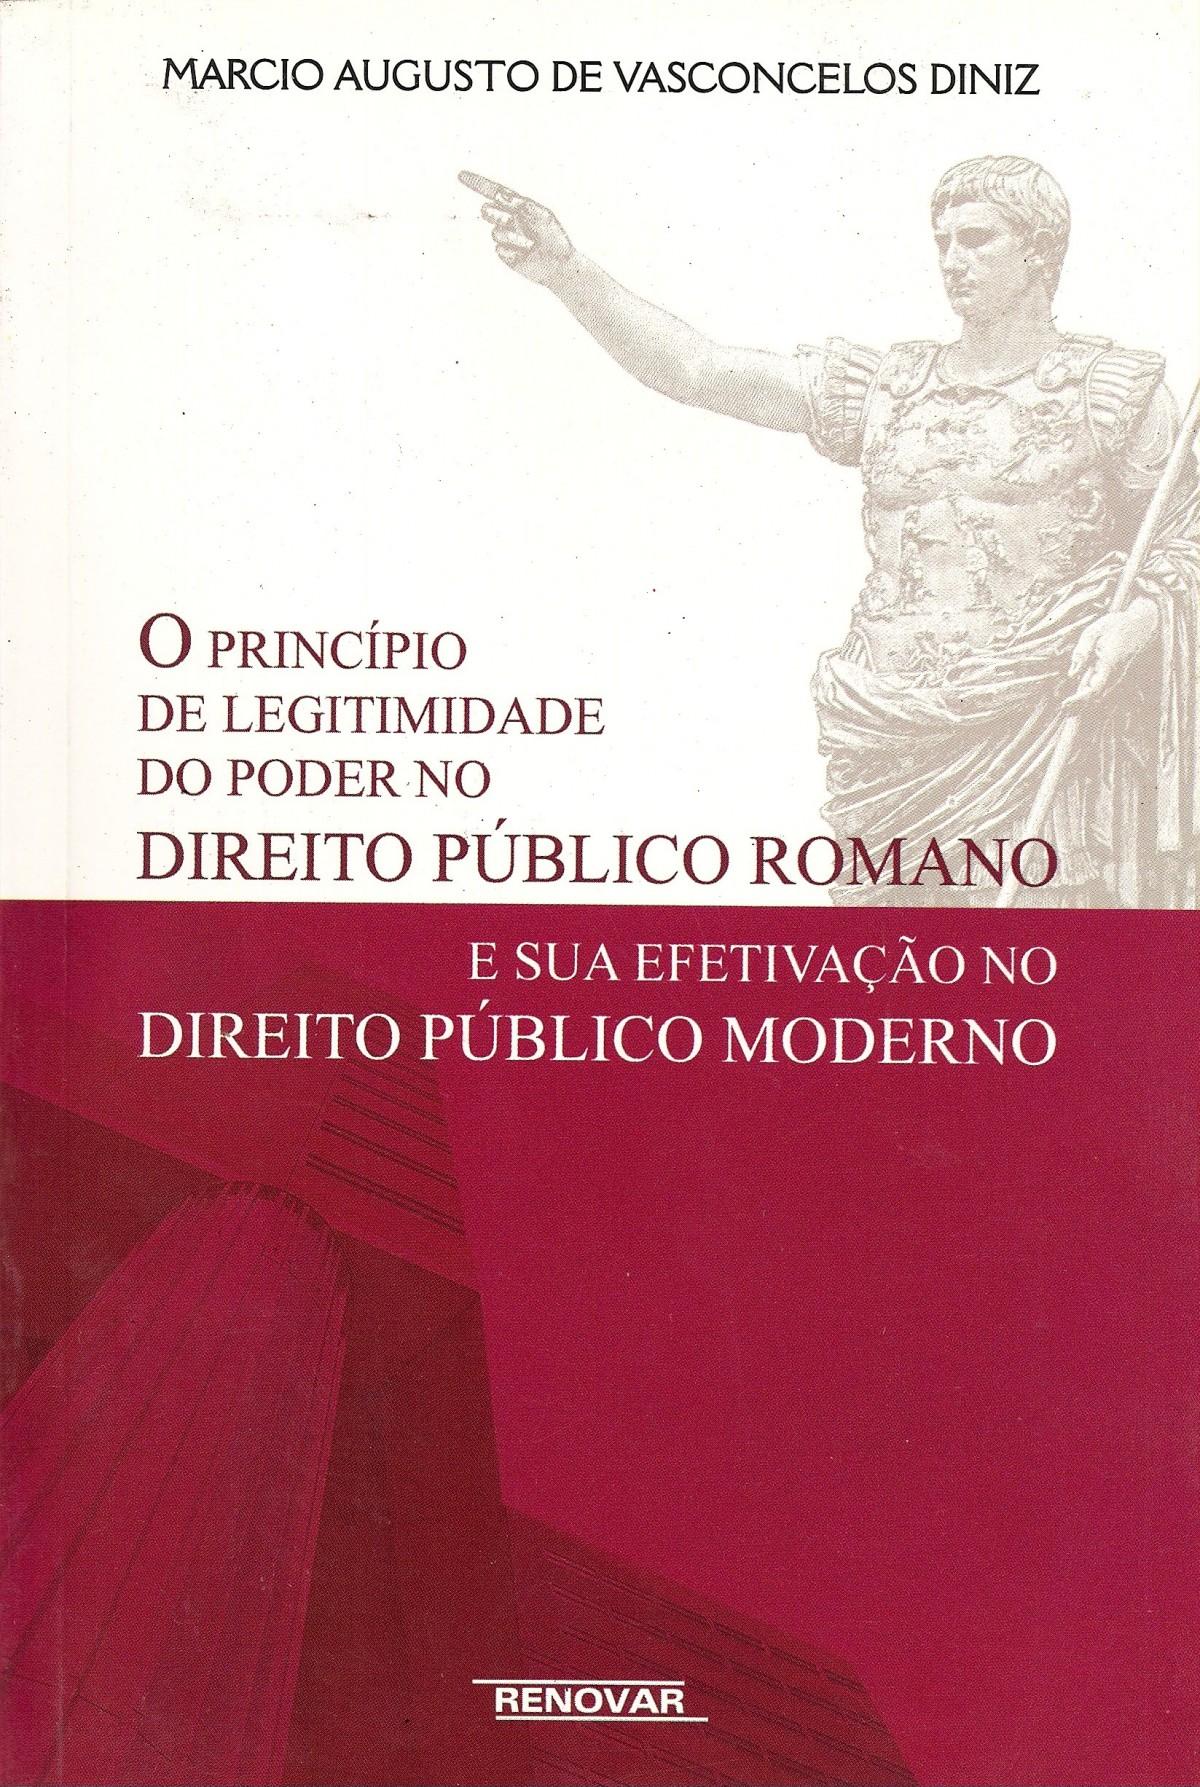 Foto 1 - O Princípio de Legitimidade do Poder no Direito Público Romano e sua Efetivação no Direito Público M